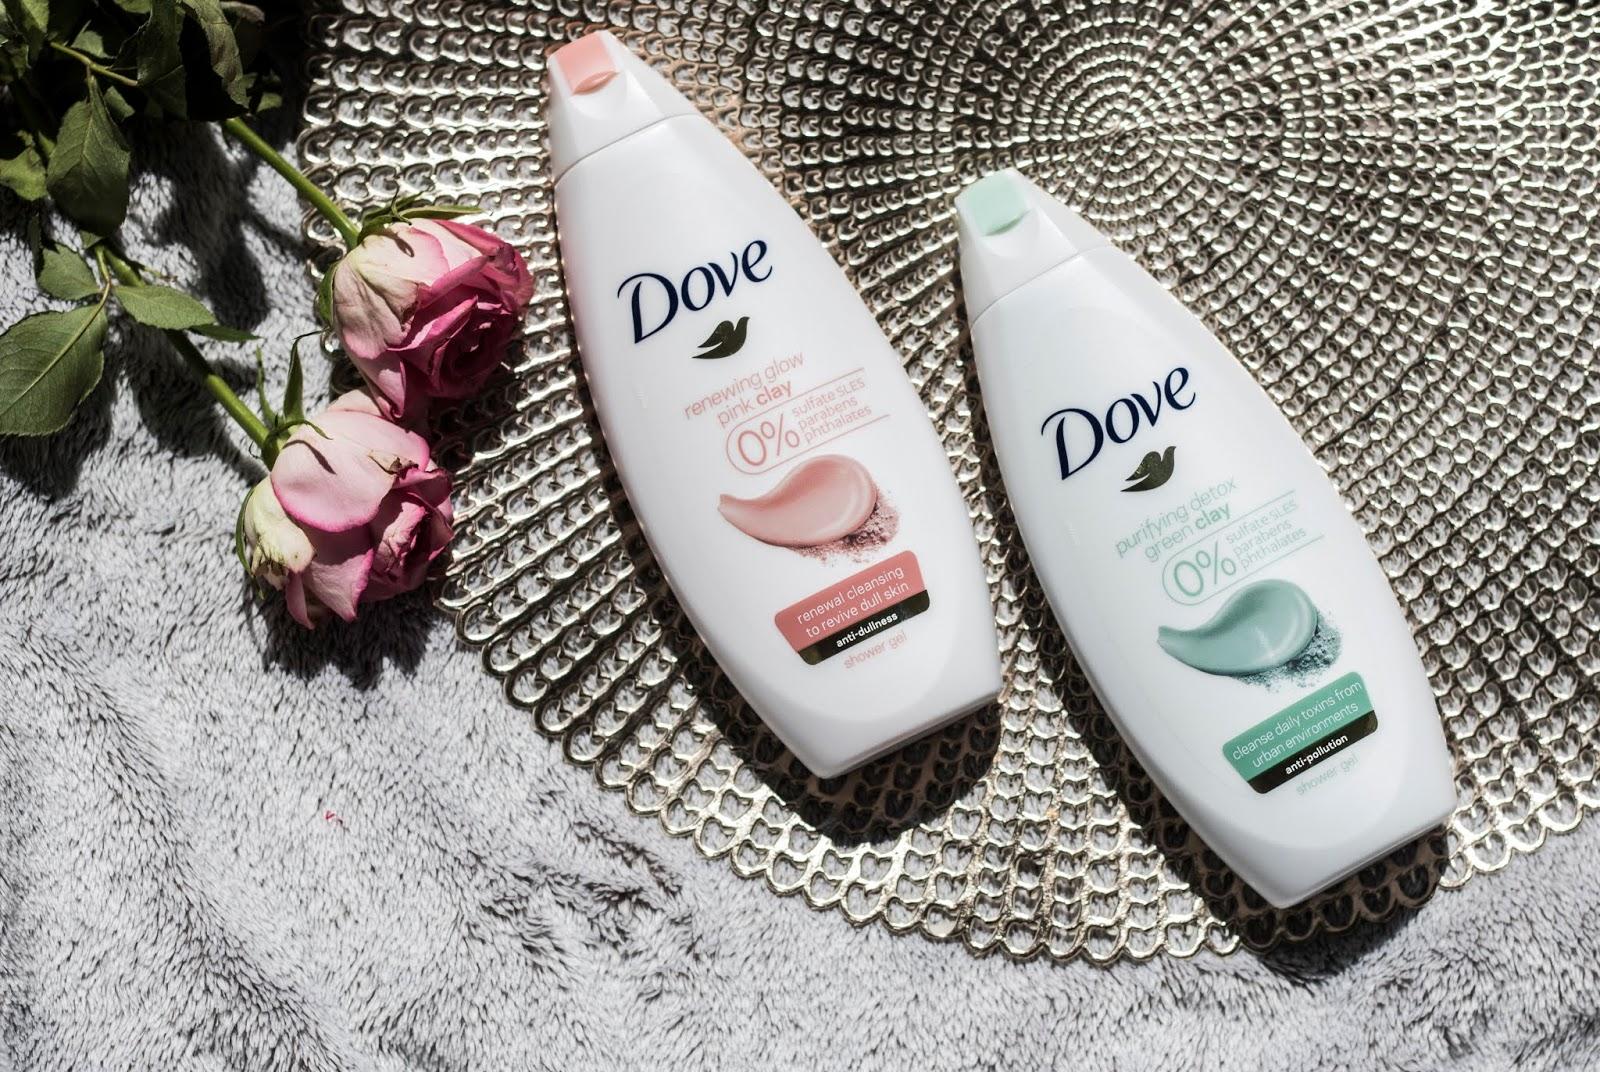 Oczyszczający żel pod prysznic - Dove